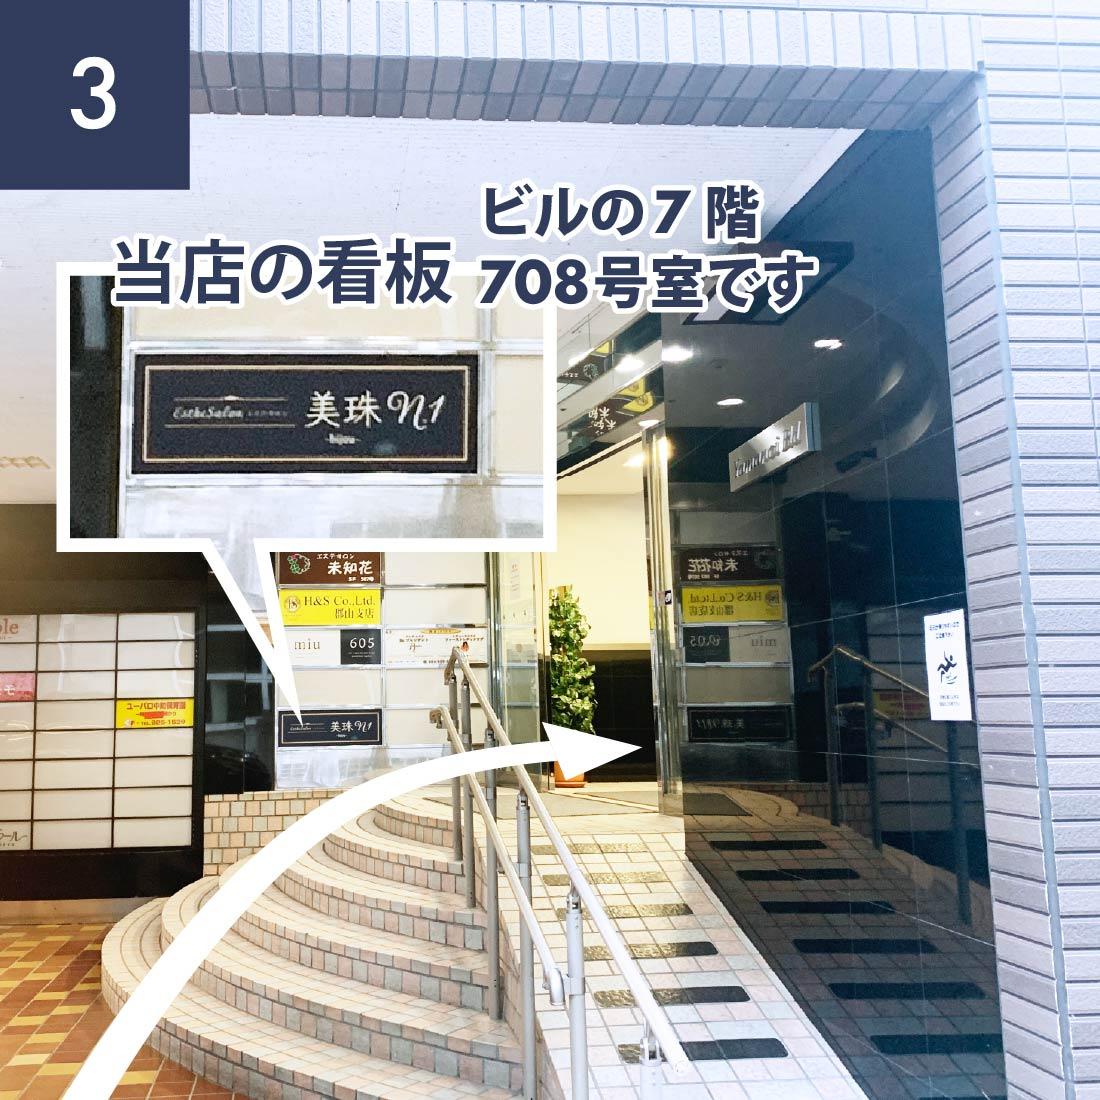 エステサロン美珠n.1への道順 やまのいビル入口の階段